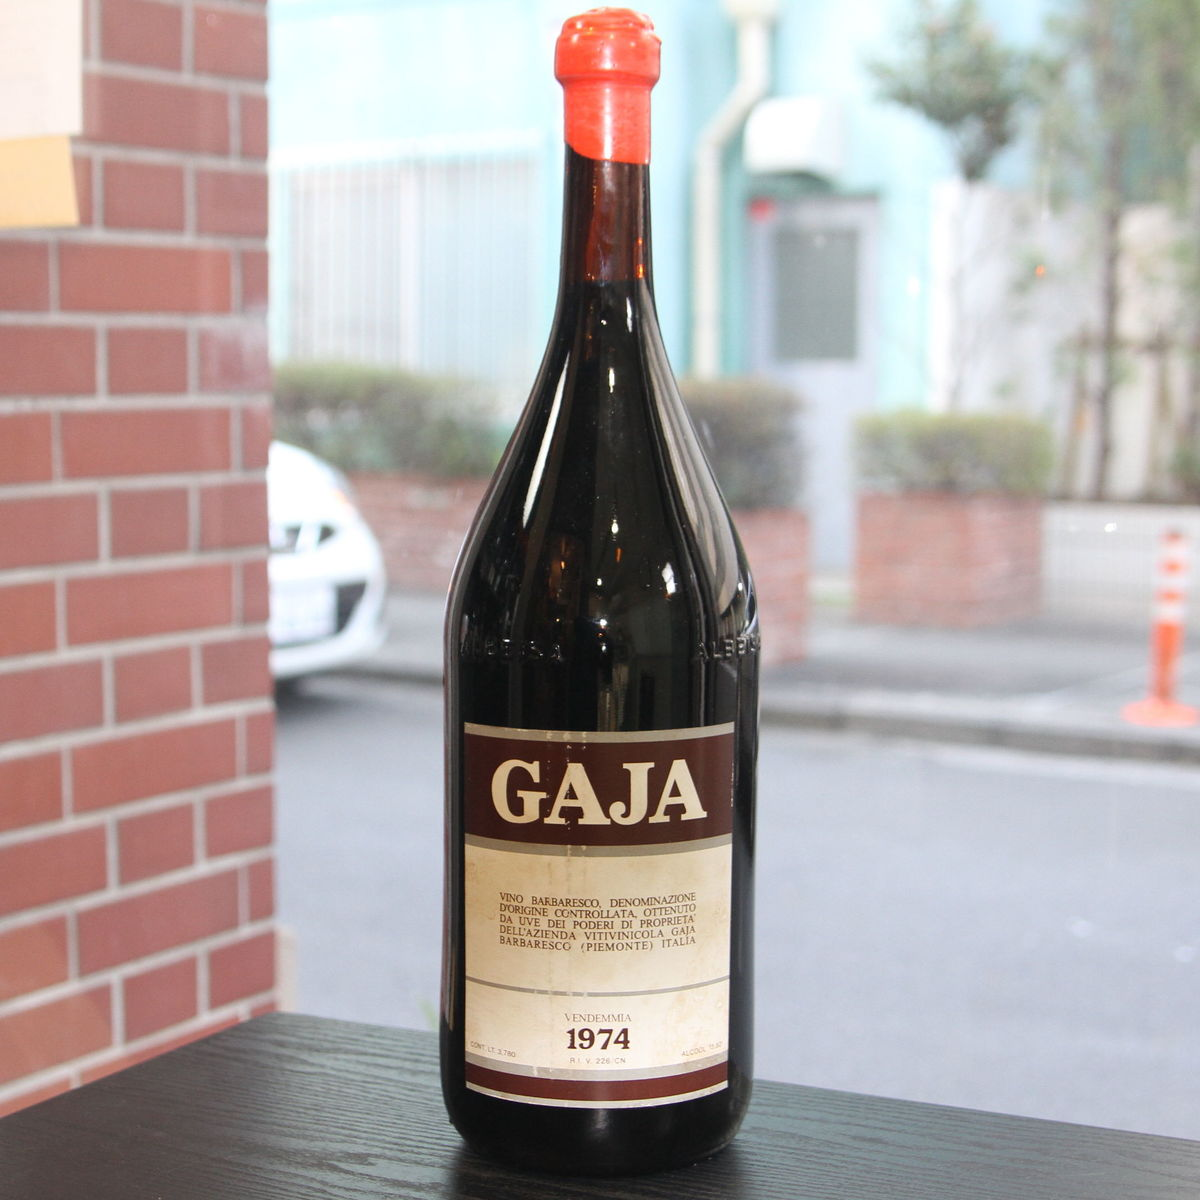 激レア!ガヤの3.5Lサイズ!1974年ヴィンテージバルバレスコです。 【1974年】 バルバレスコ ガヤ Barbaresco Gaja イタリア ピエモンテ 赤ワイン 3.5L